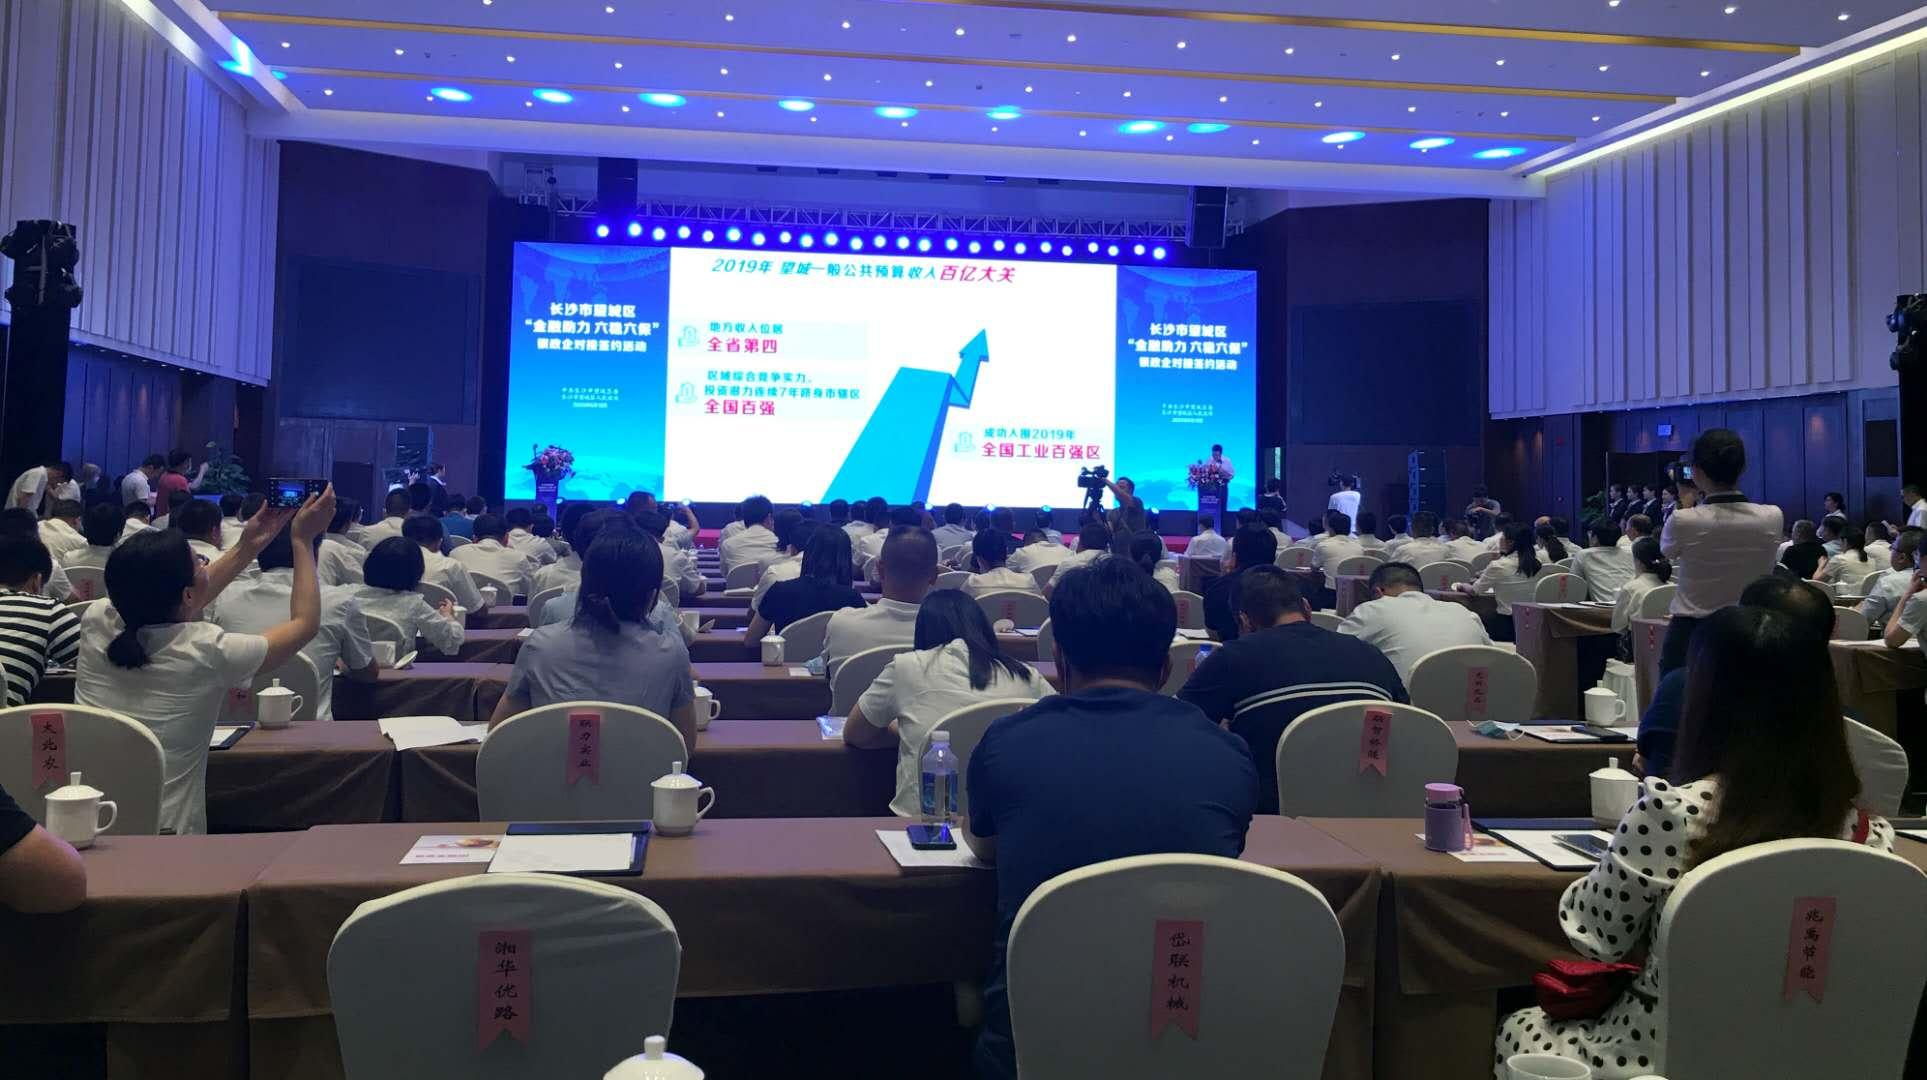 长沙望城区促银政企对接 达成融资合作606亿元